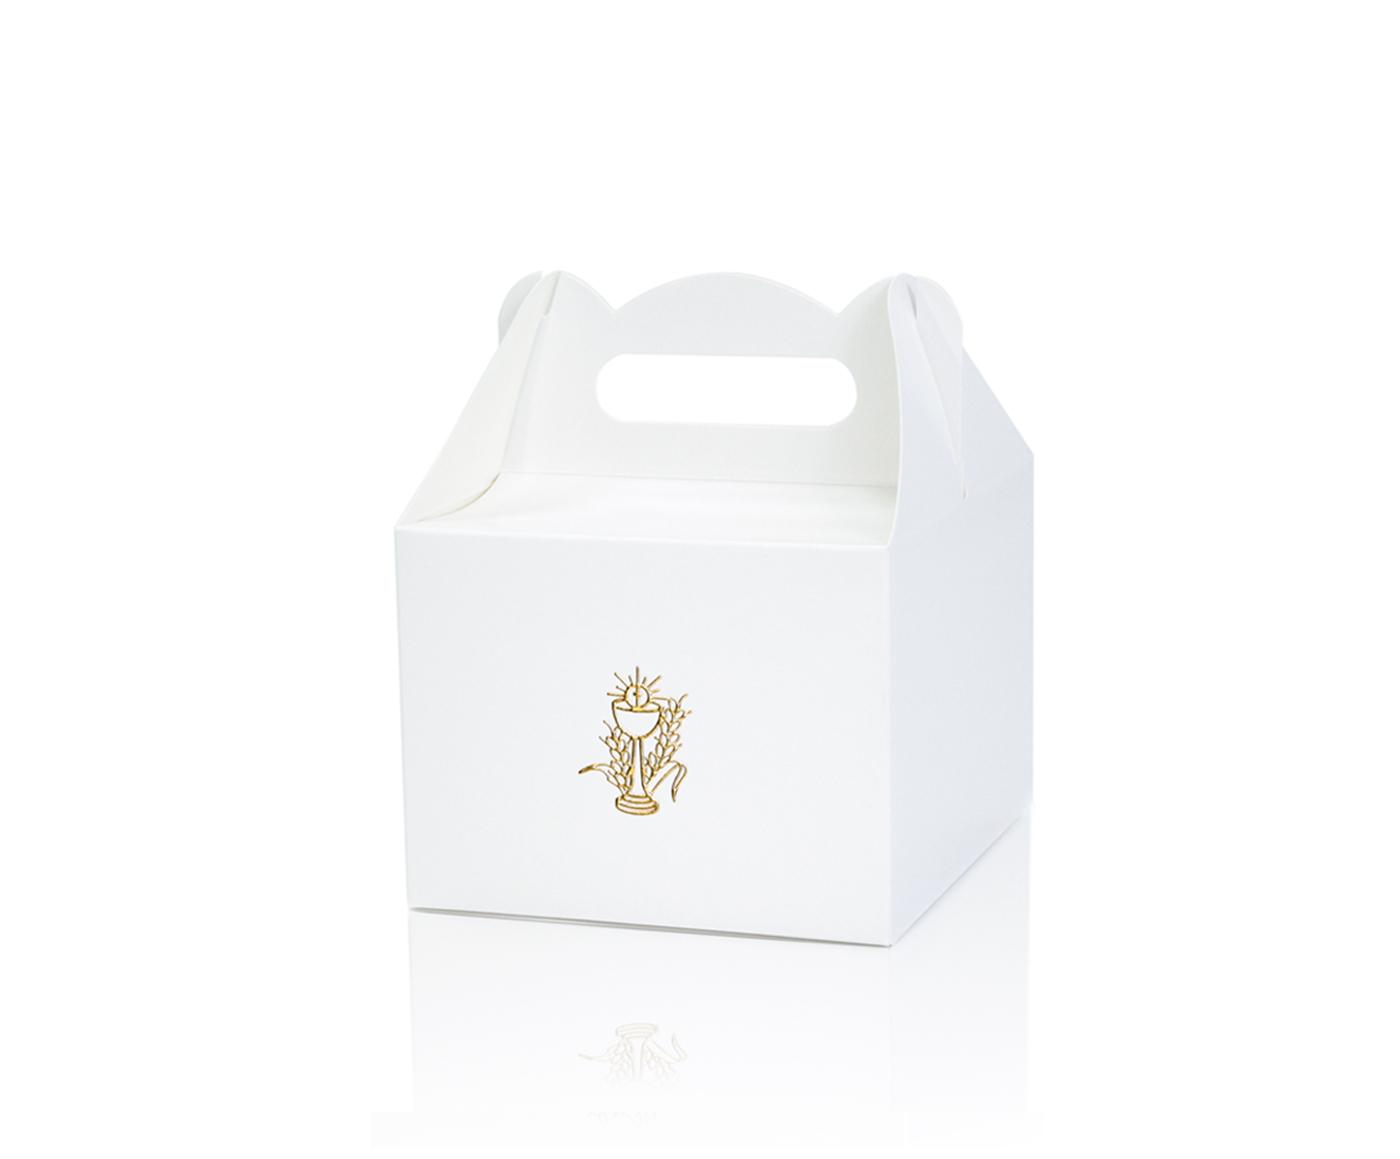 Pudełko na ciasto ZŁOTY KŁOS r. M